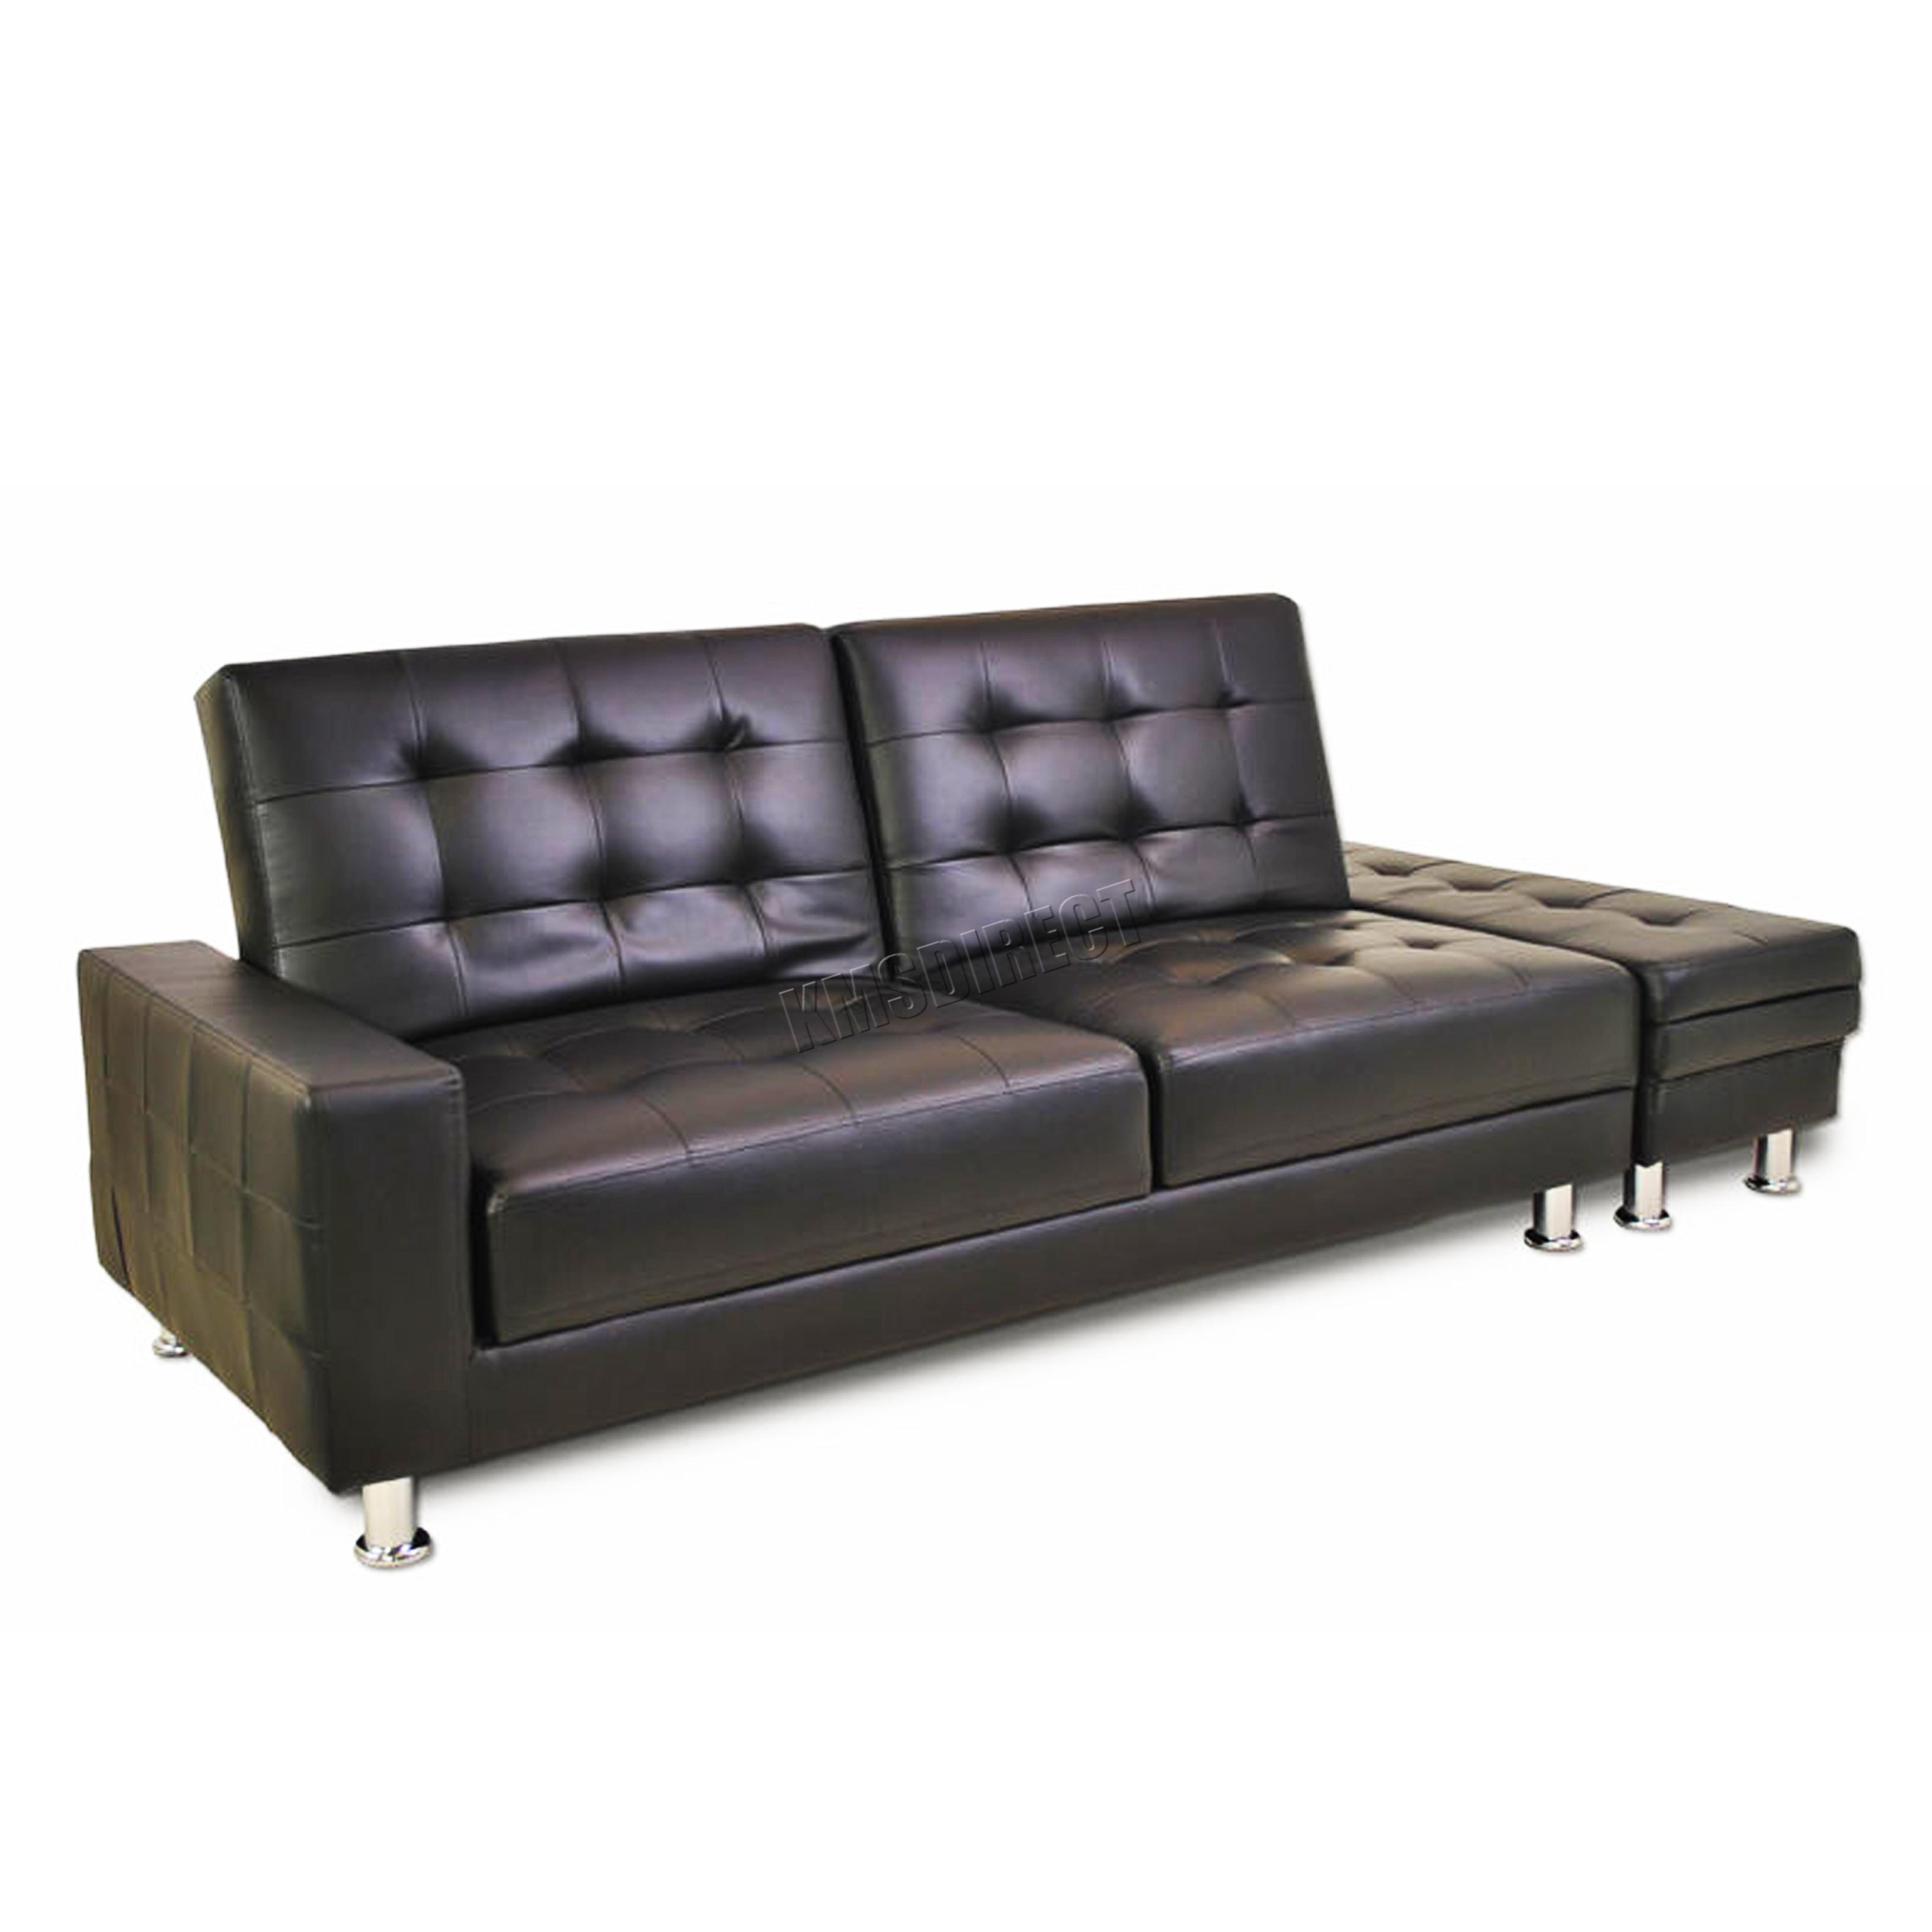 Foxhunter PU divano letto con contenitore a 3 POSTI ospite Sleeper ...